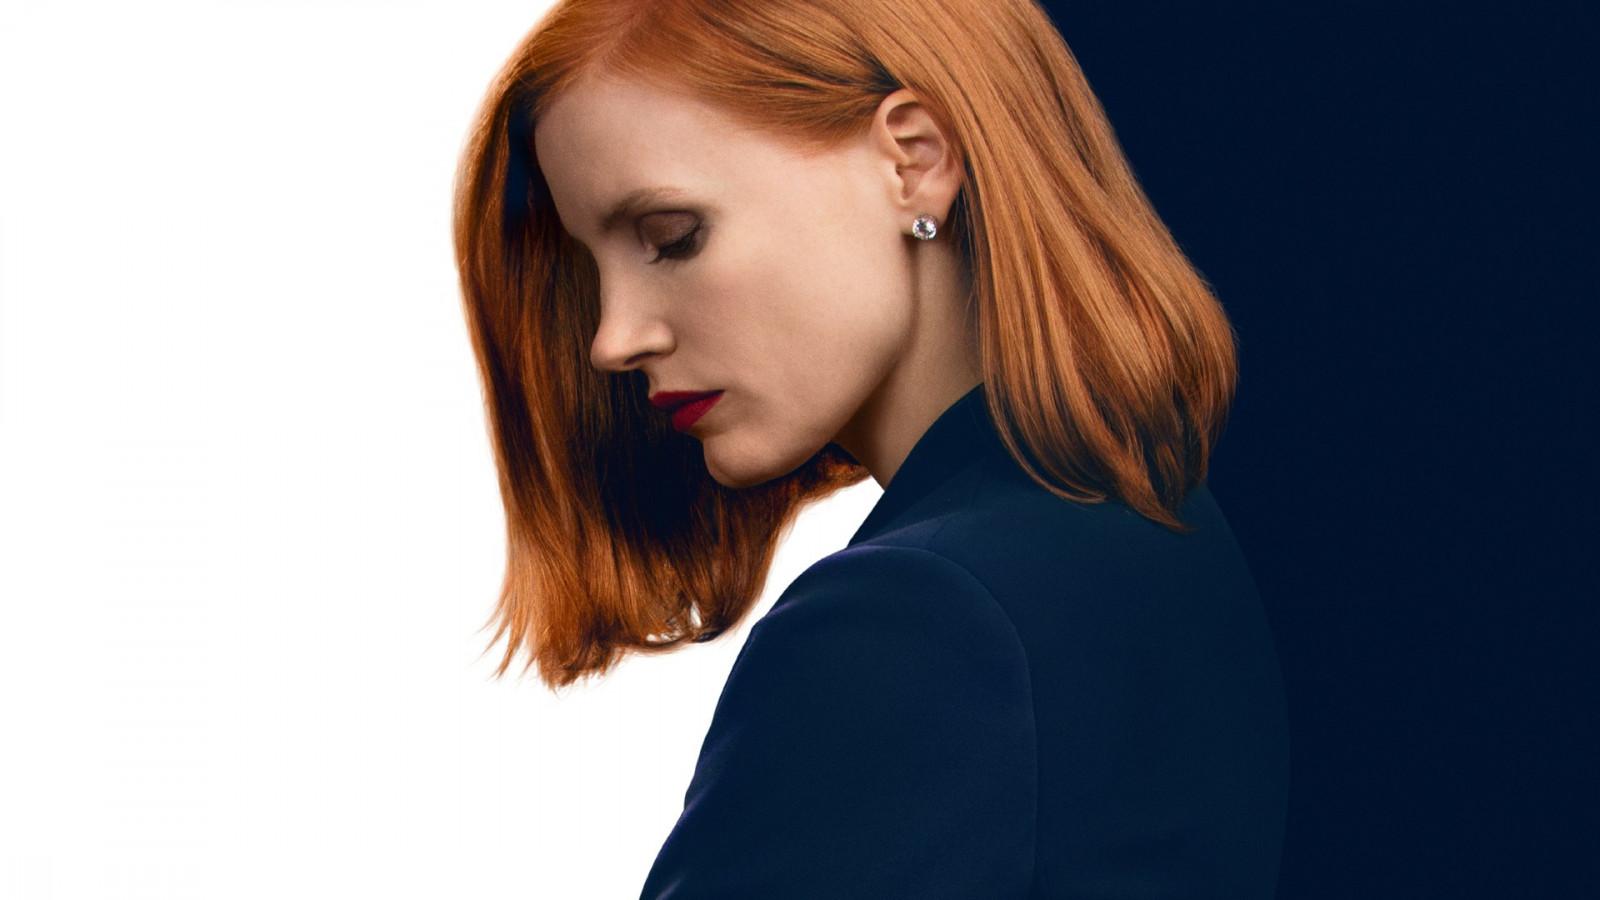 Sänger Rote Haare